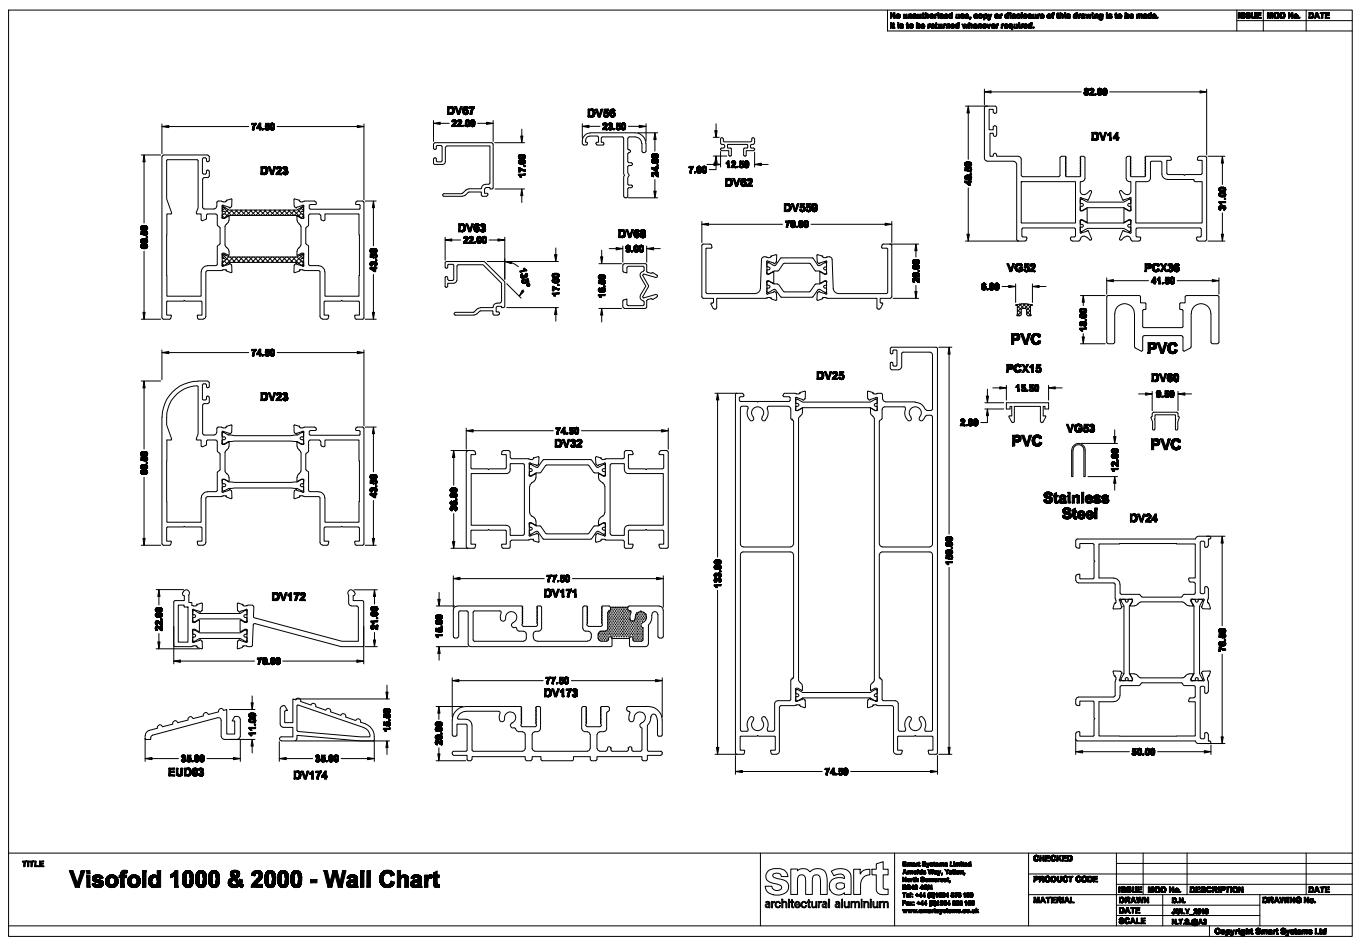 Aluminium bi-fold wall chart image